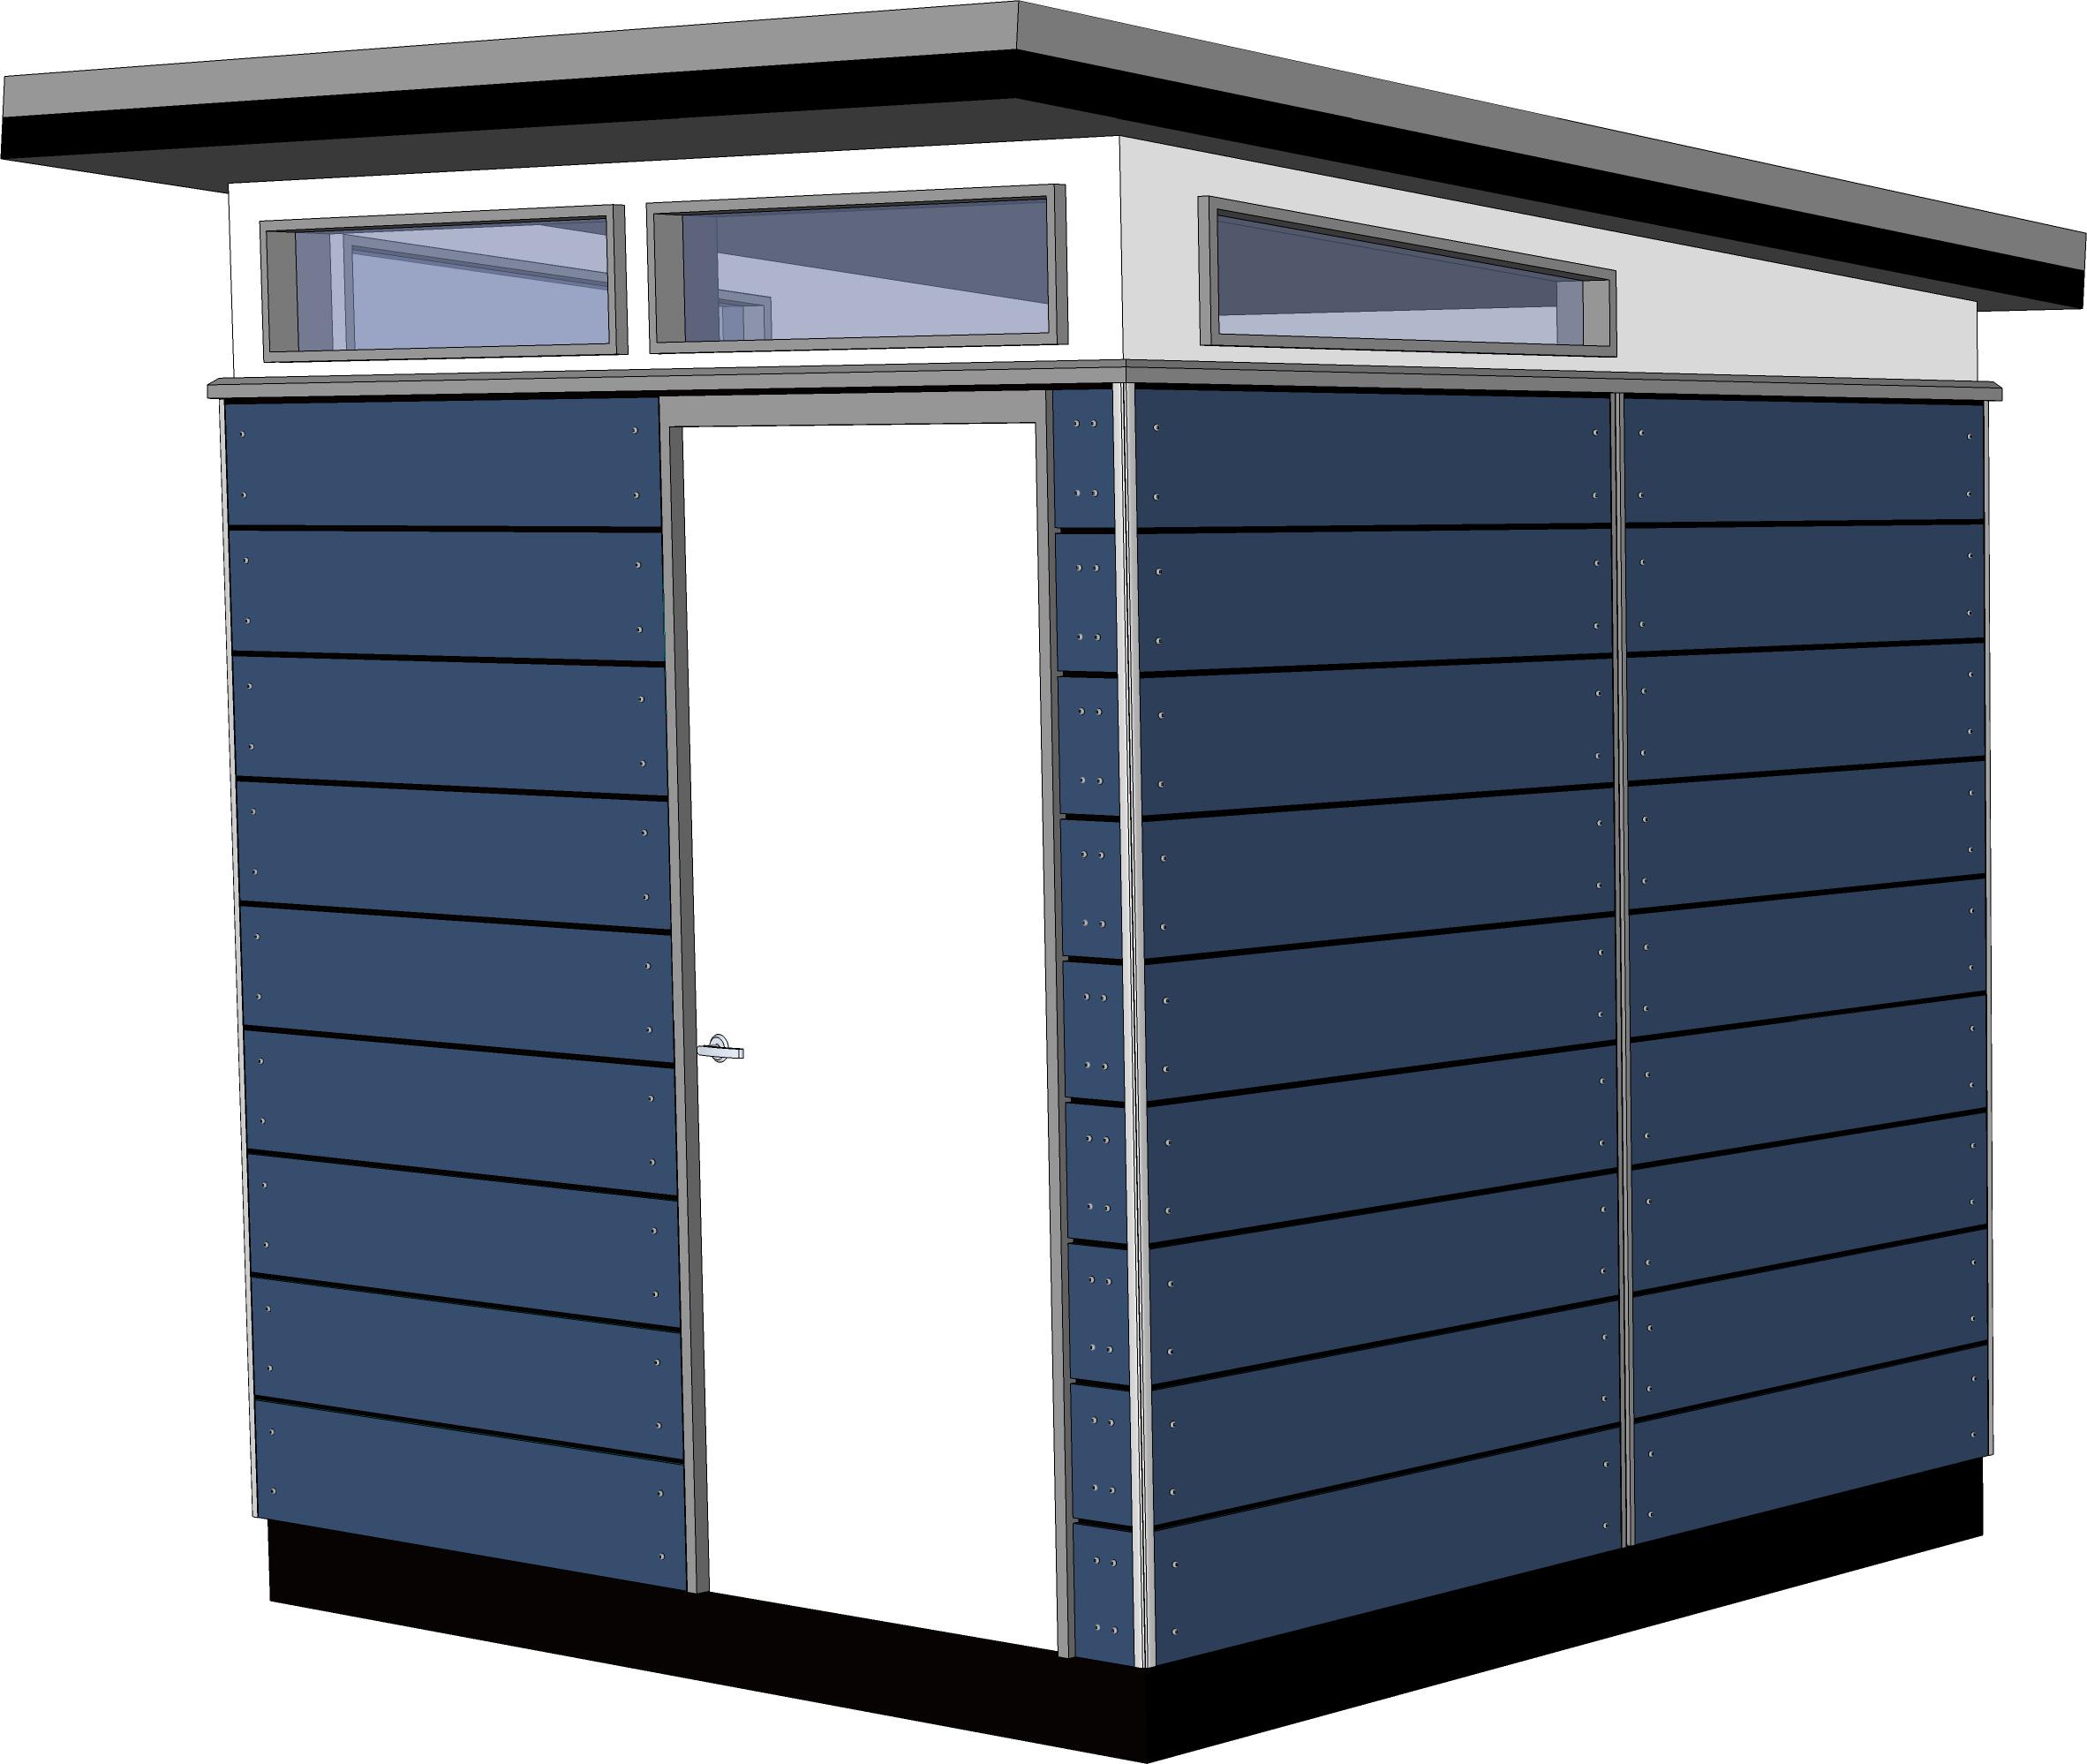 8x8 lifestyle series prefab outbuilding kit